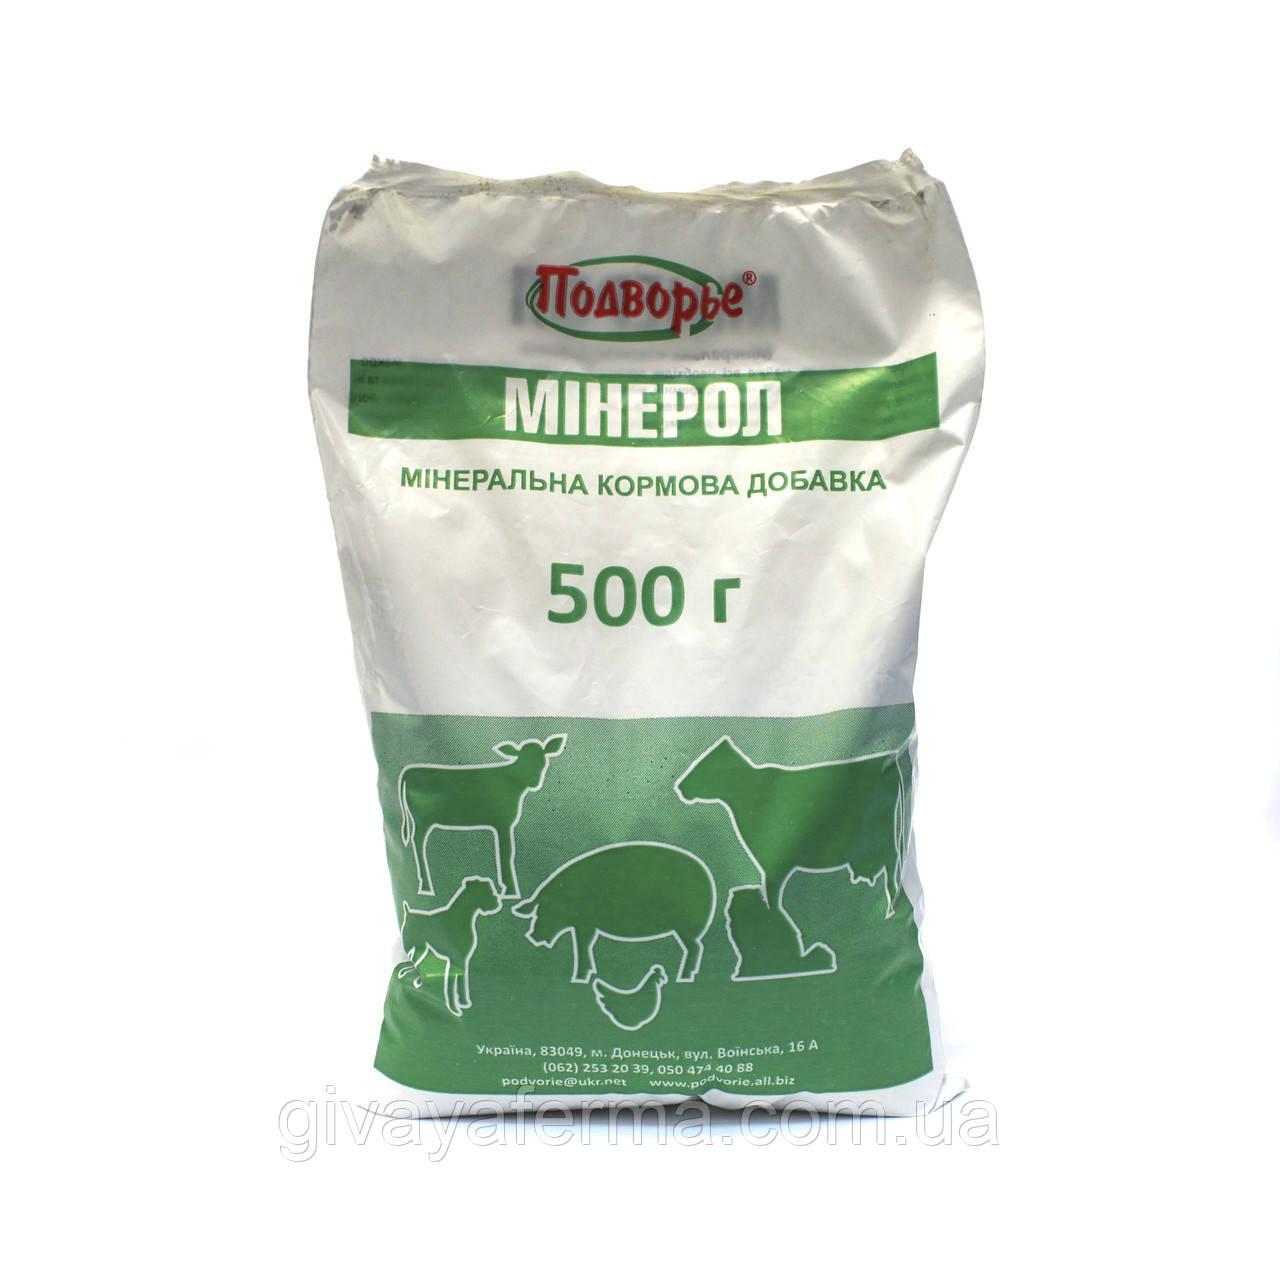 Минерол 500 гр, для животных и птицы, минеральная кормовая добавка